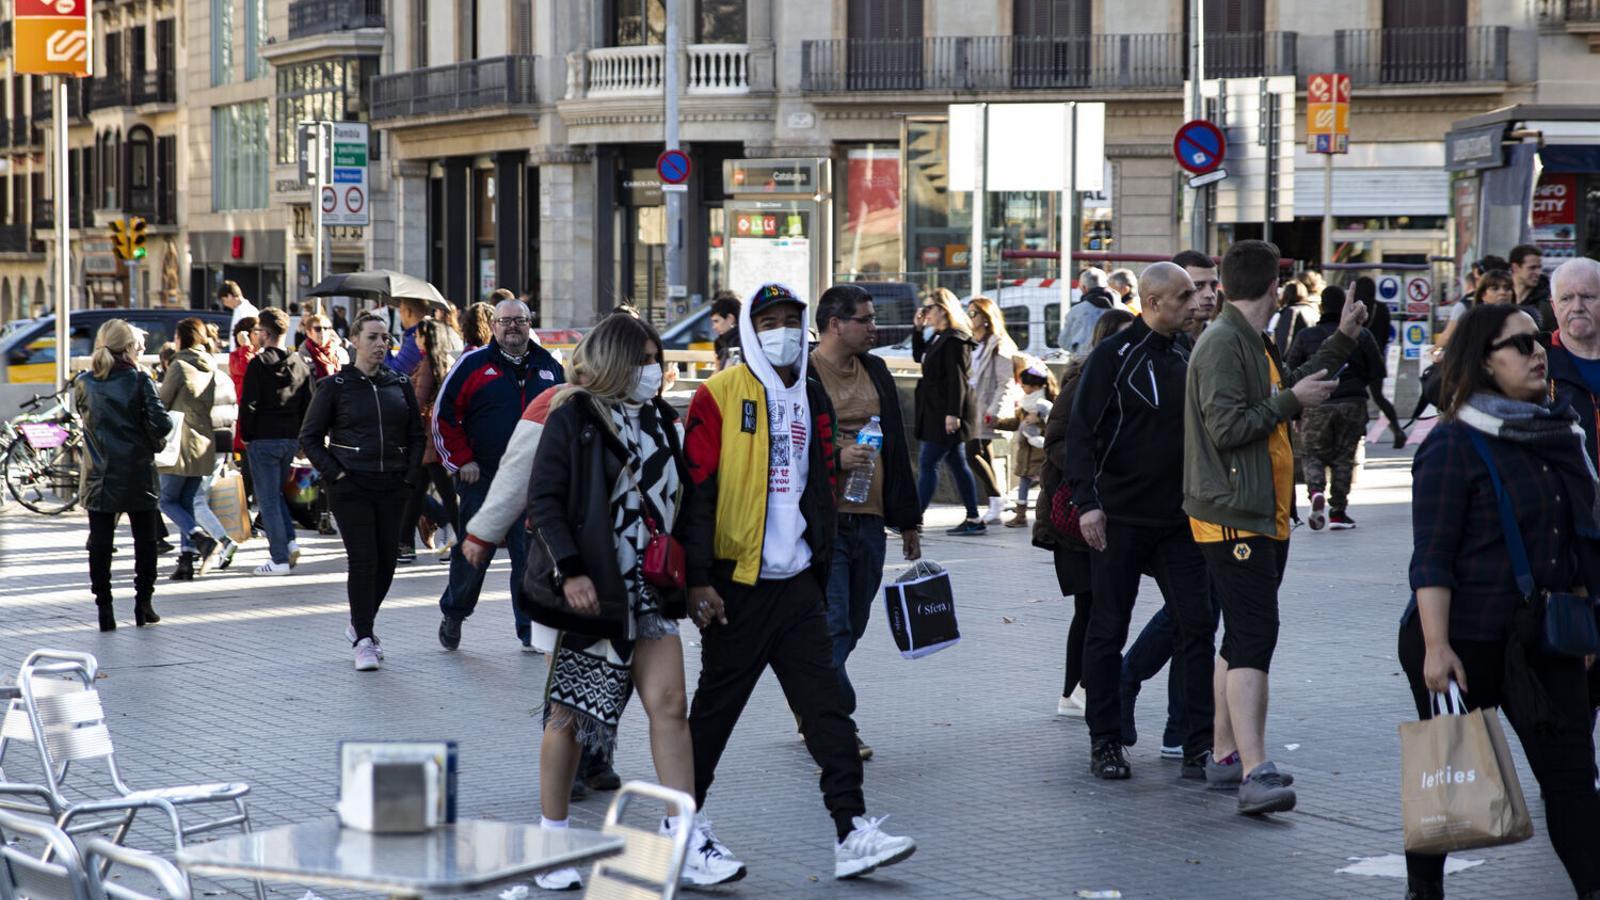 Diverses persones passejant per la plaça Catalunya de Barcelona, en una imatge d'arxiu durant la pandèmia / Sara Cabarrocas